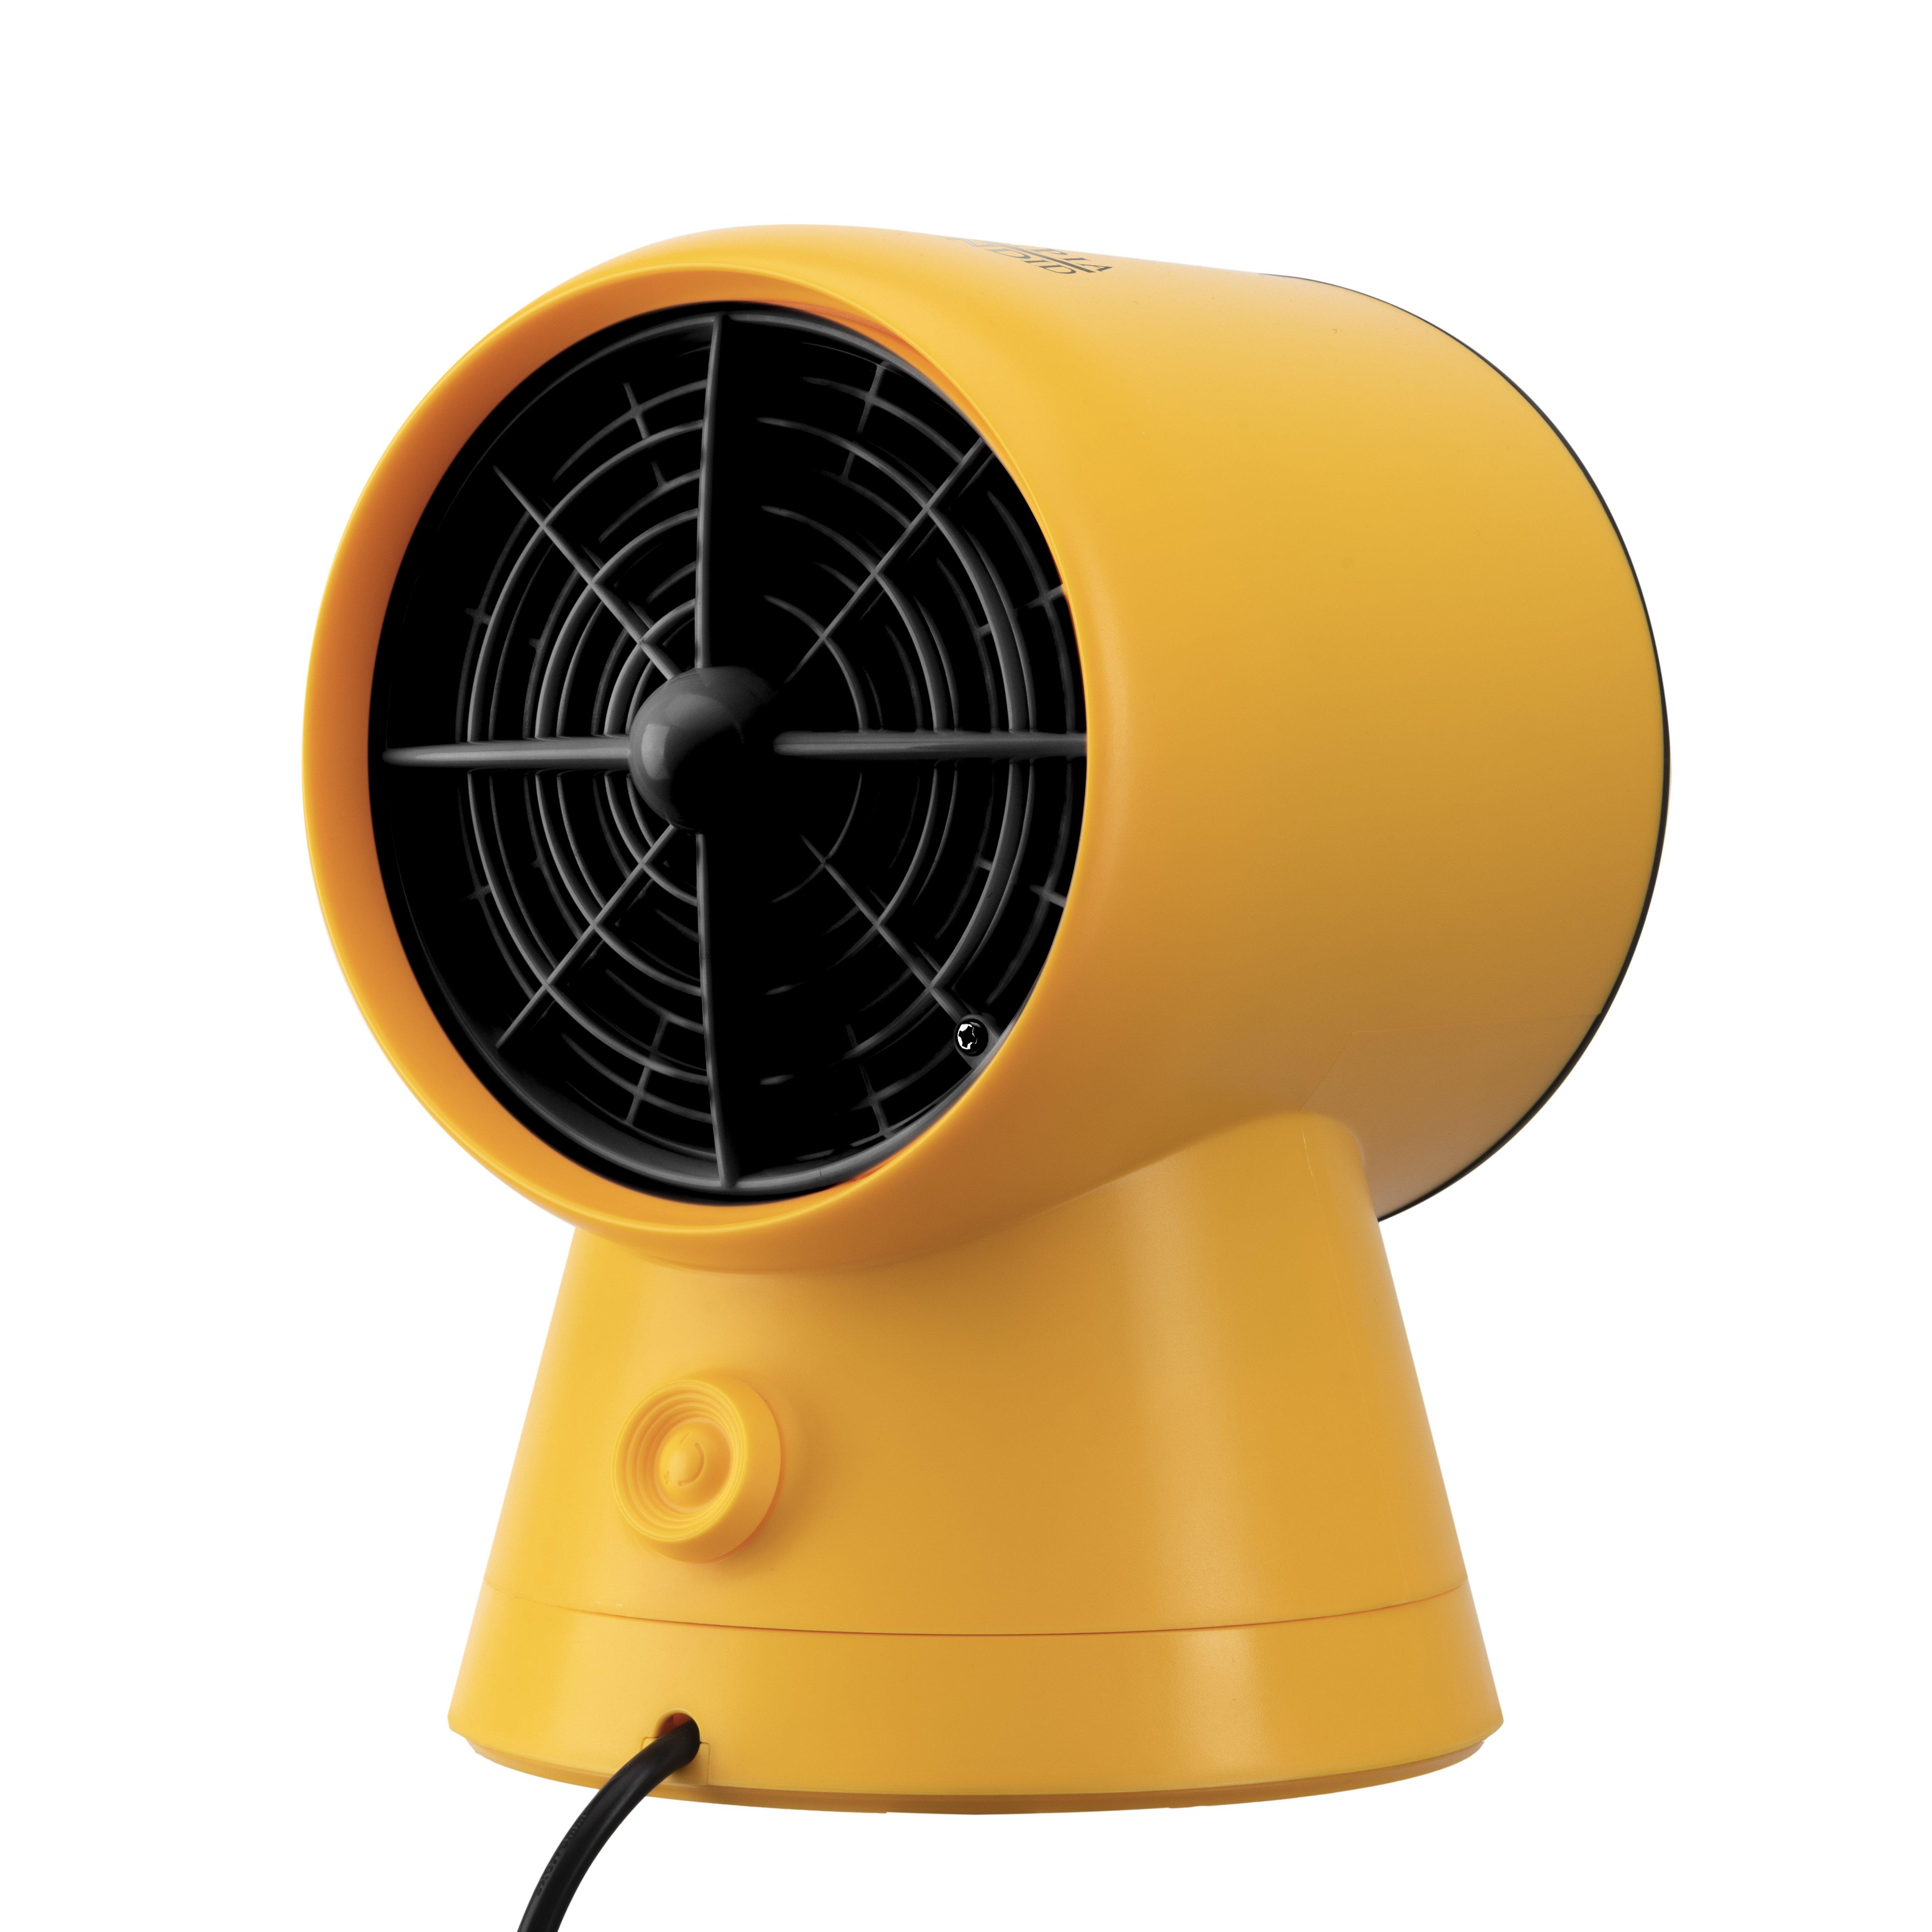 il termoventilatore elettrico